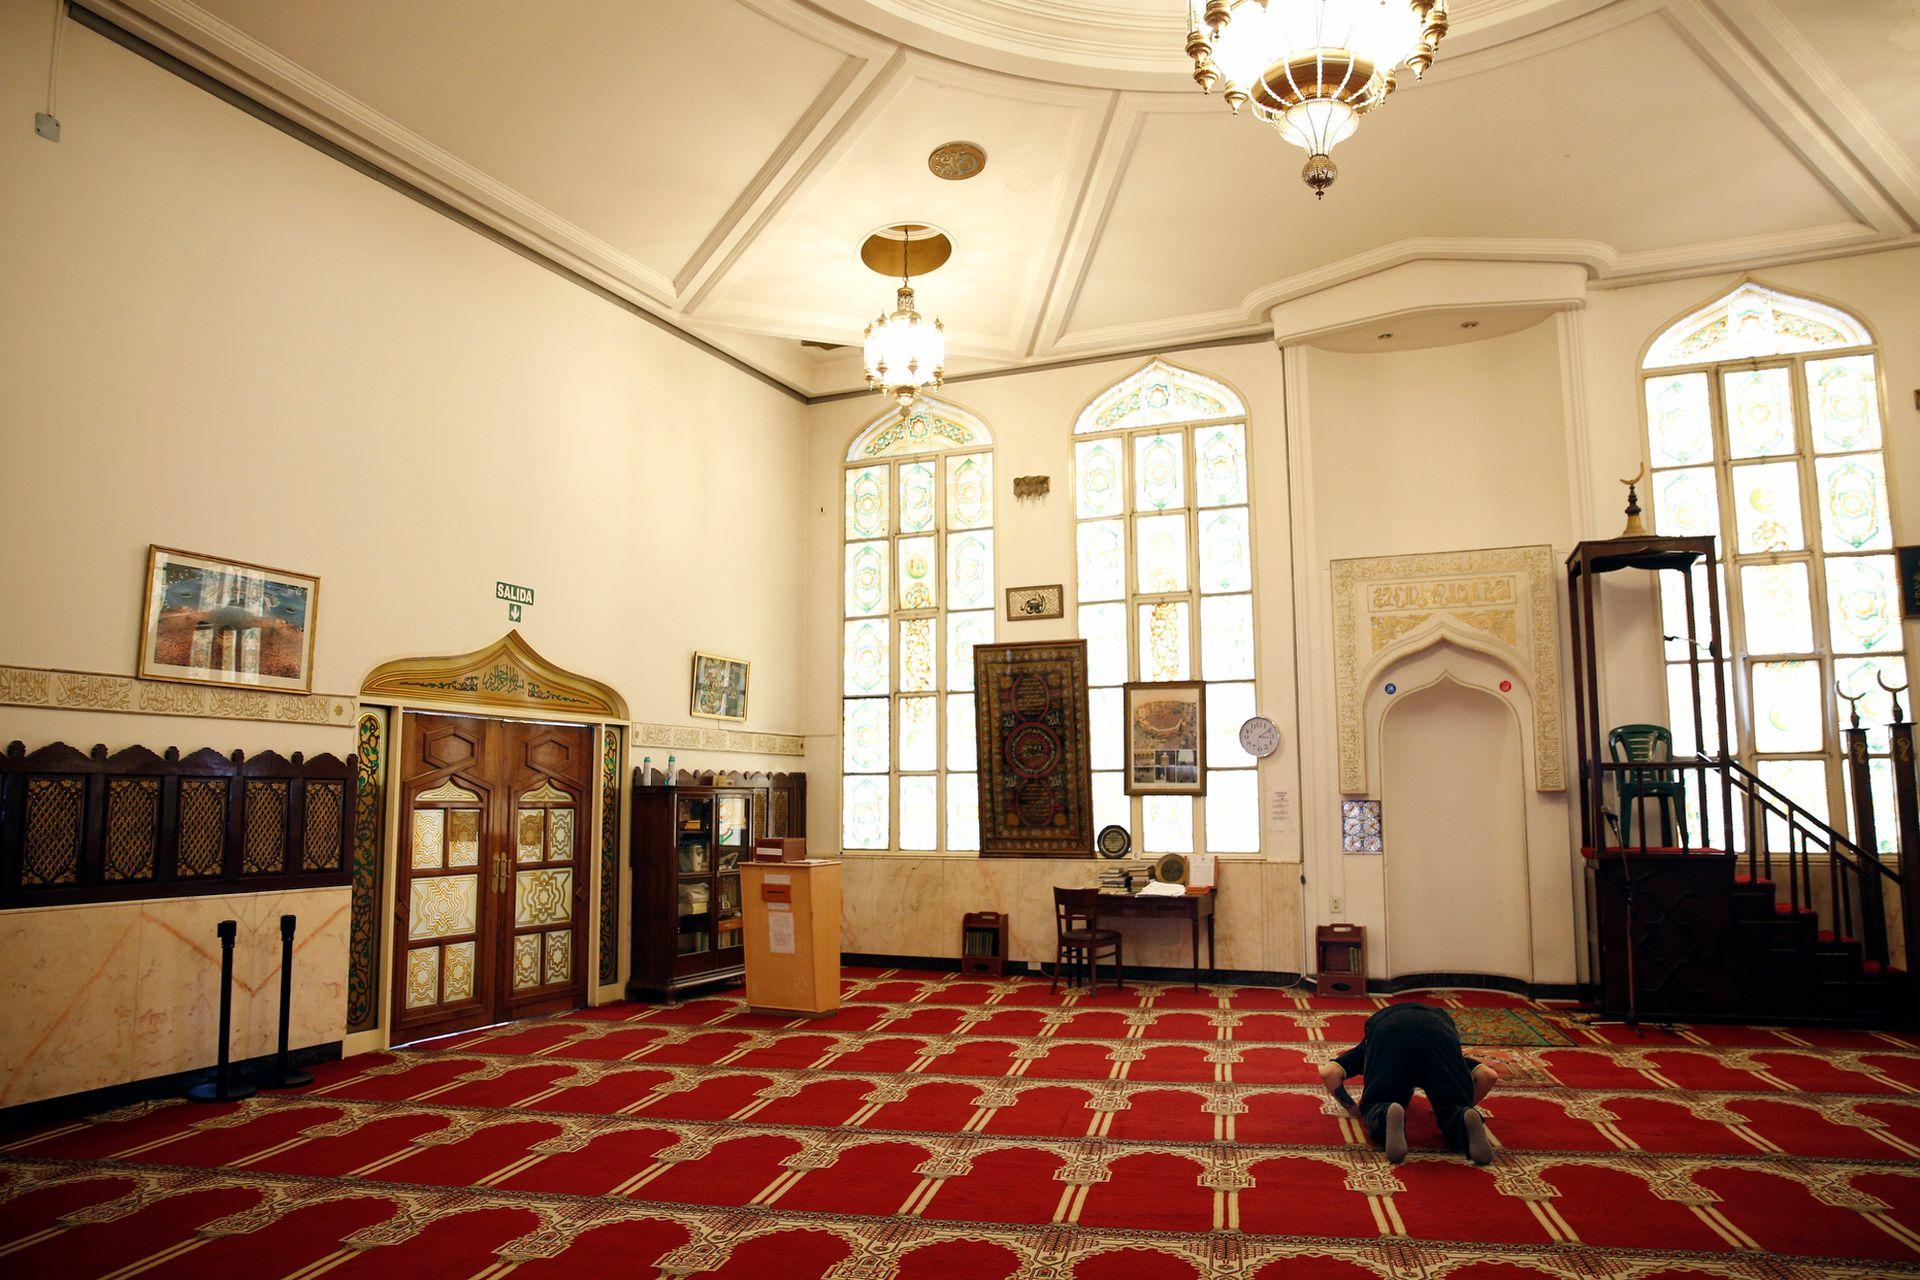 Un fiel realiza su oración frente a la quibla en el interior de la mezquita